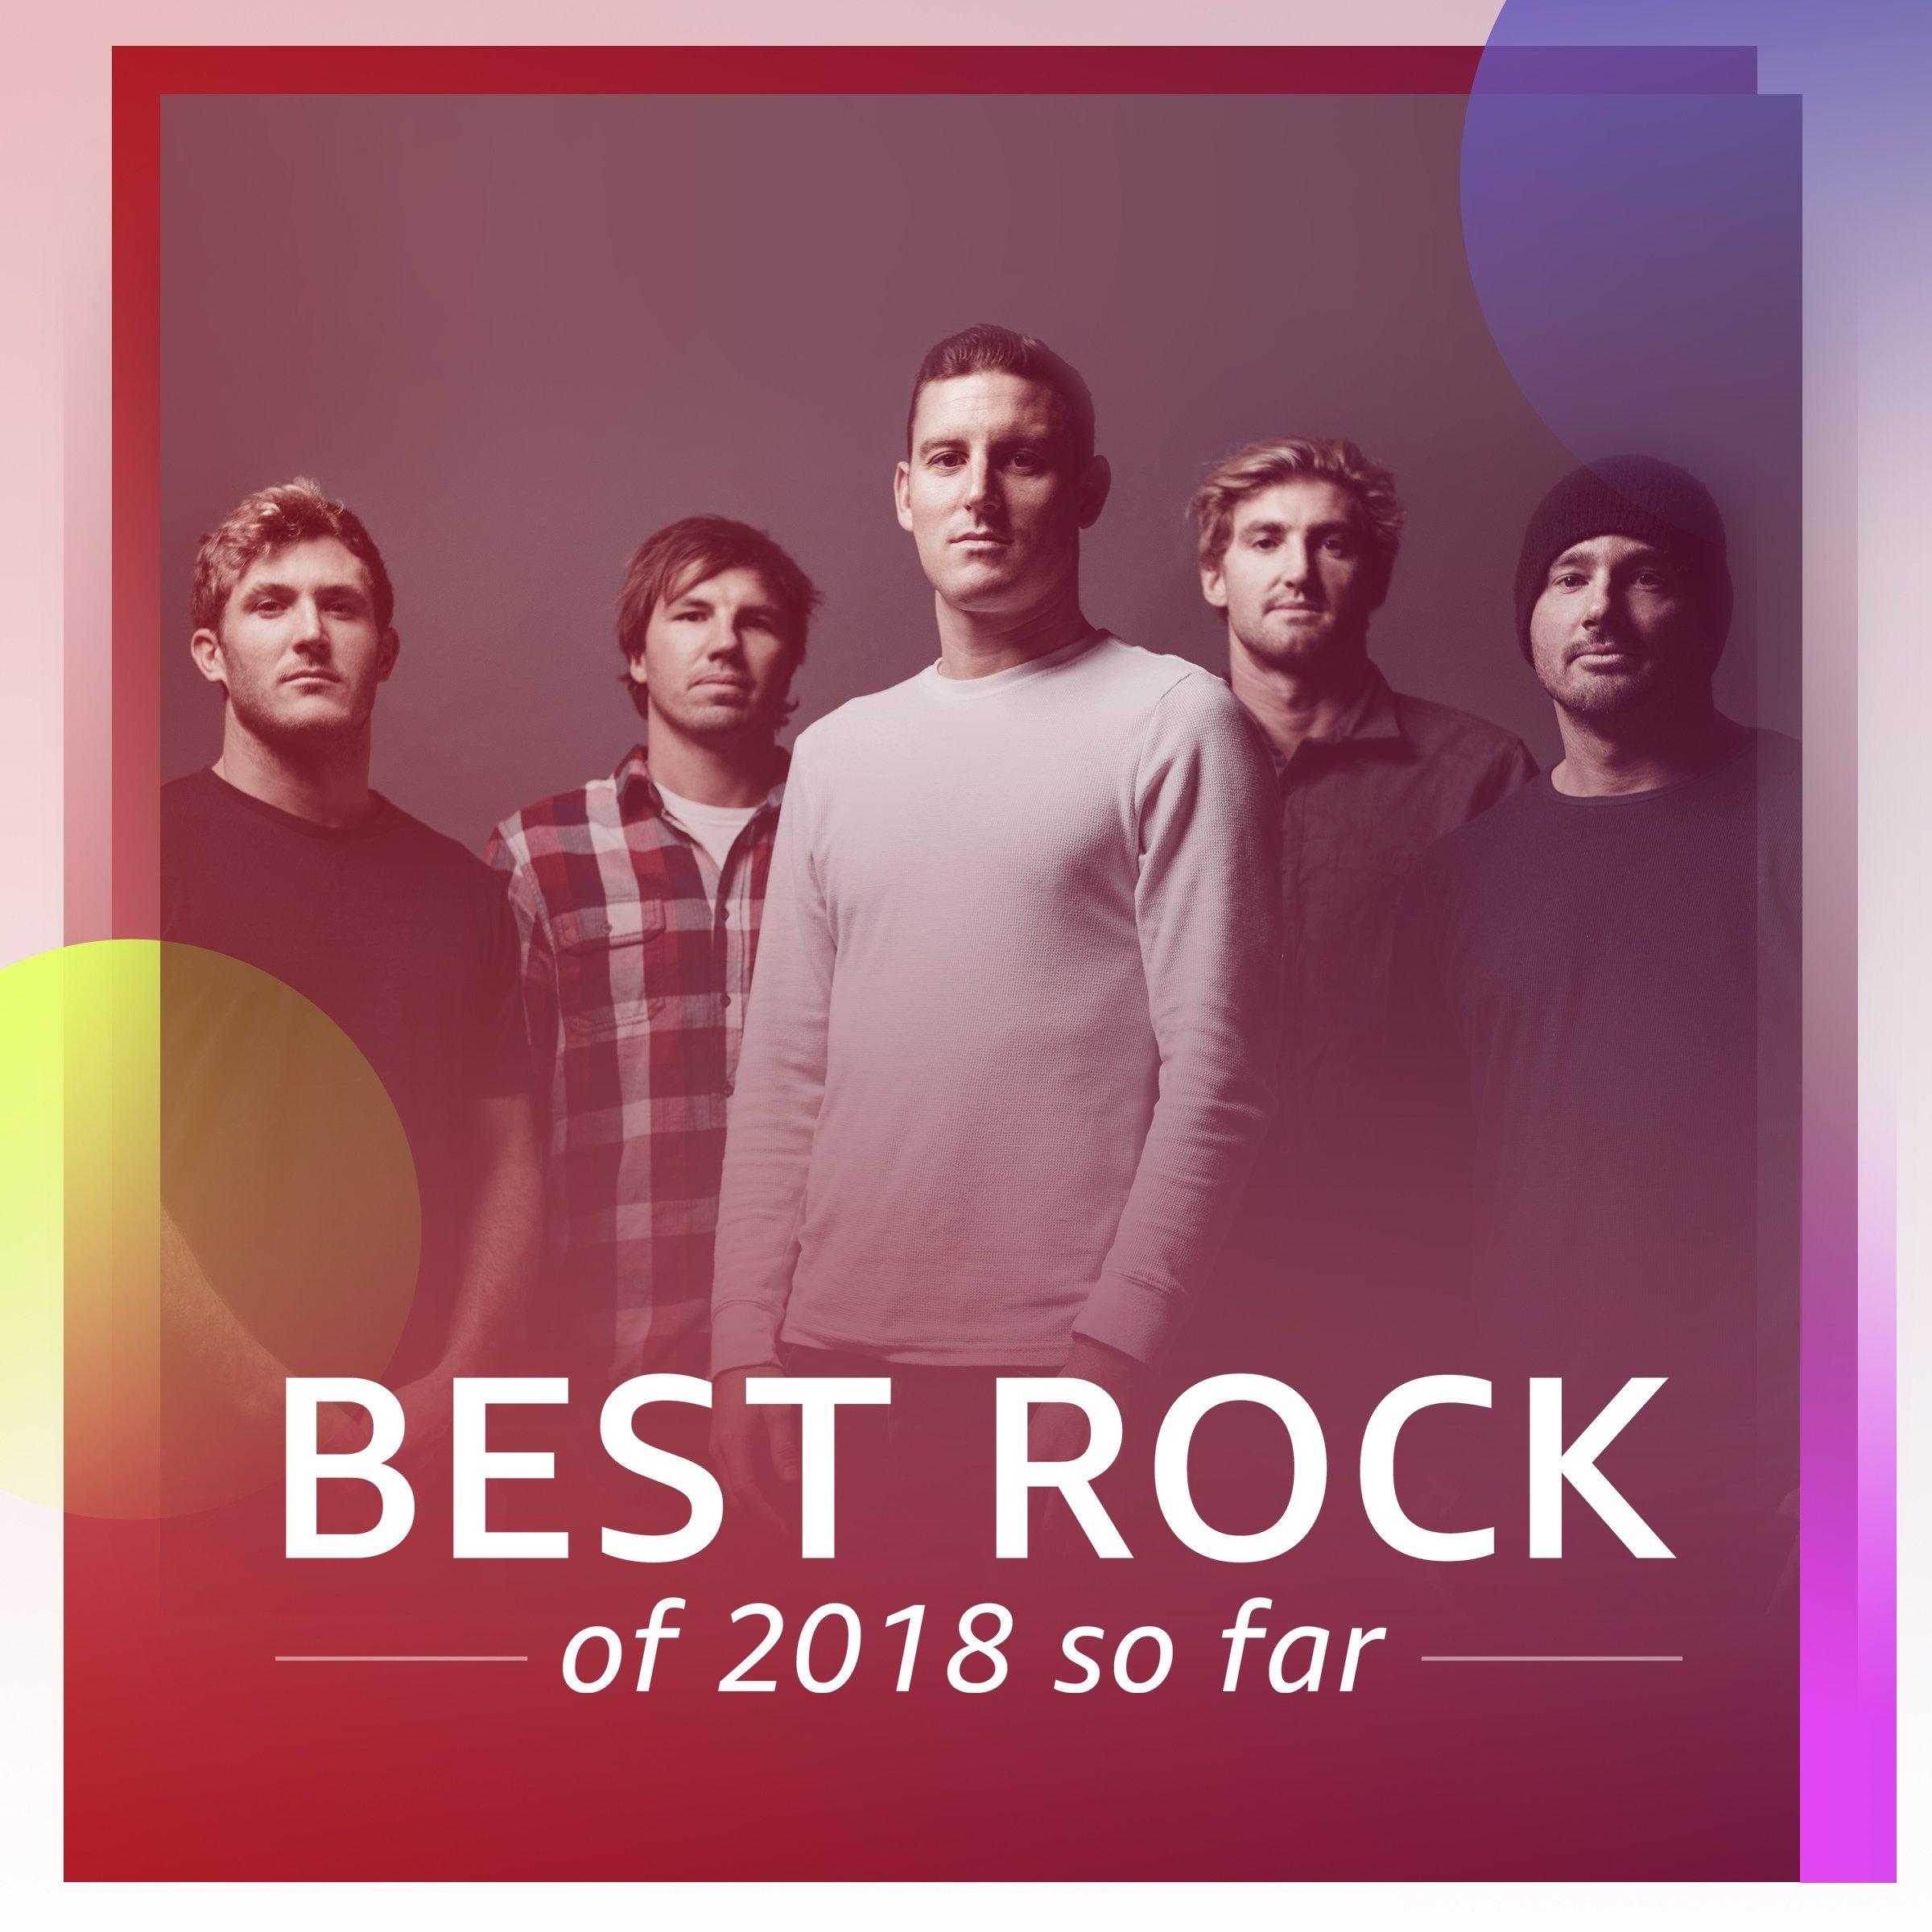 Best Rock of 2018 So Far